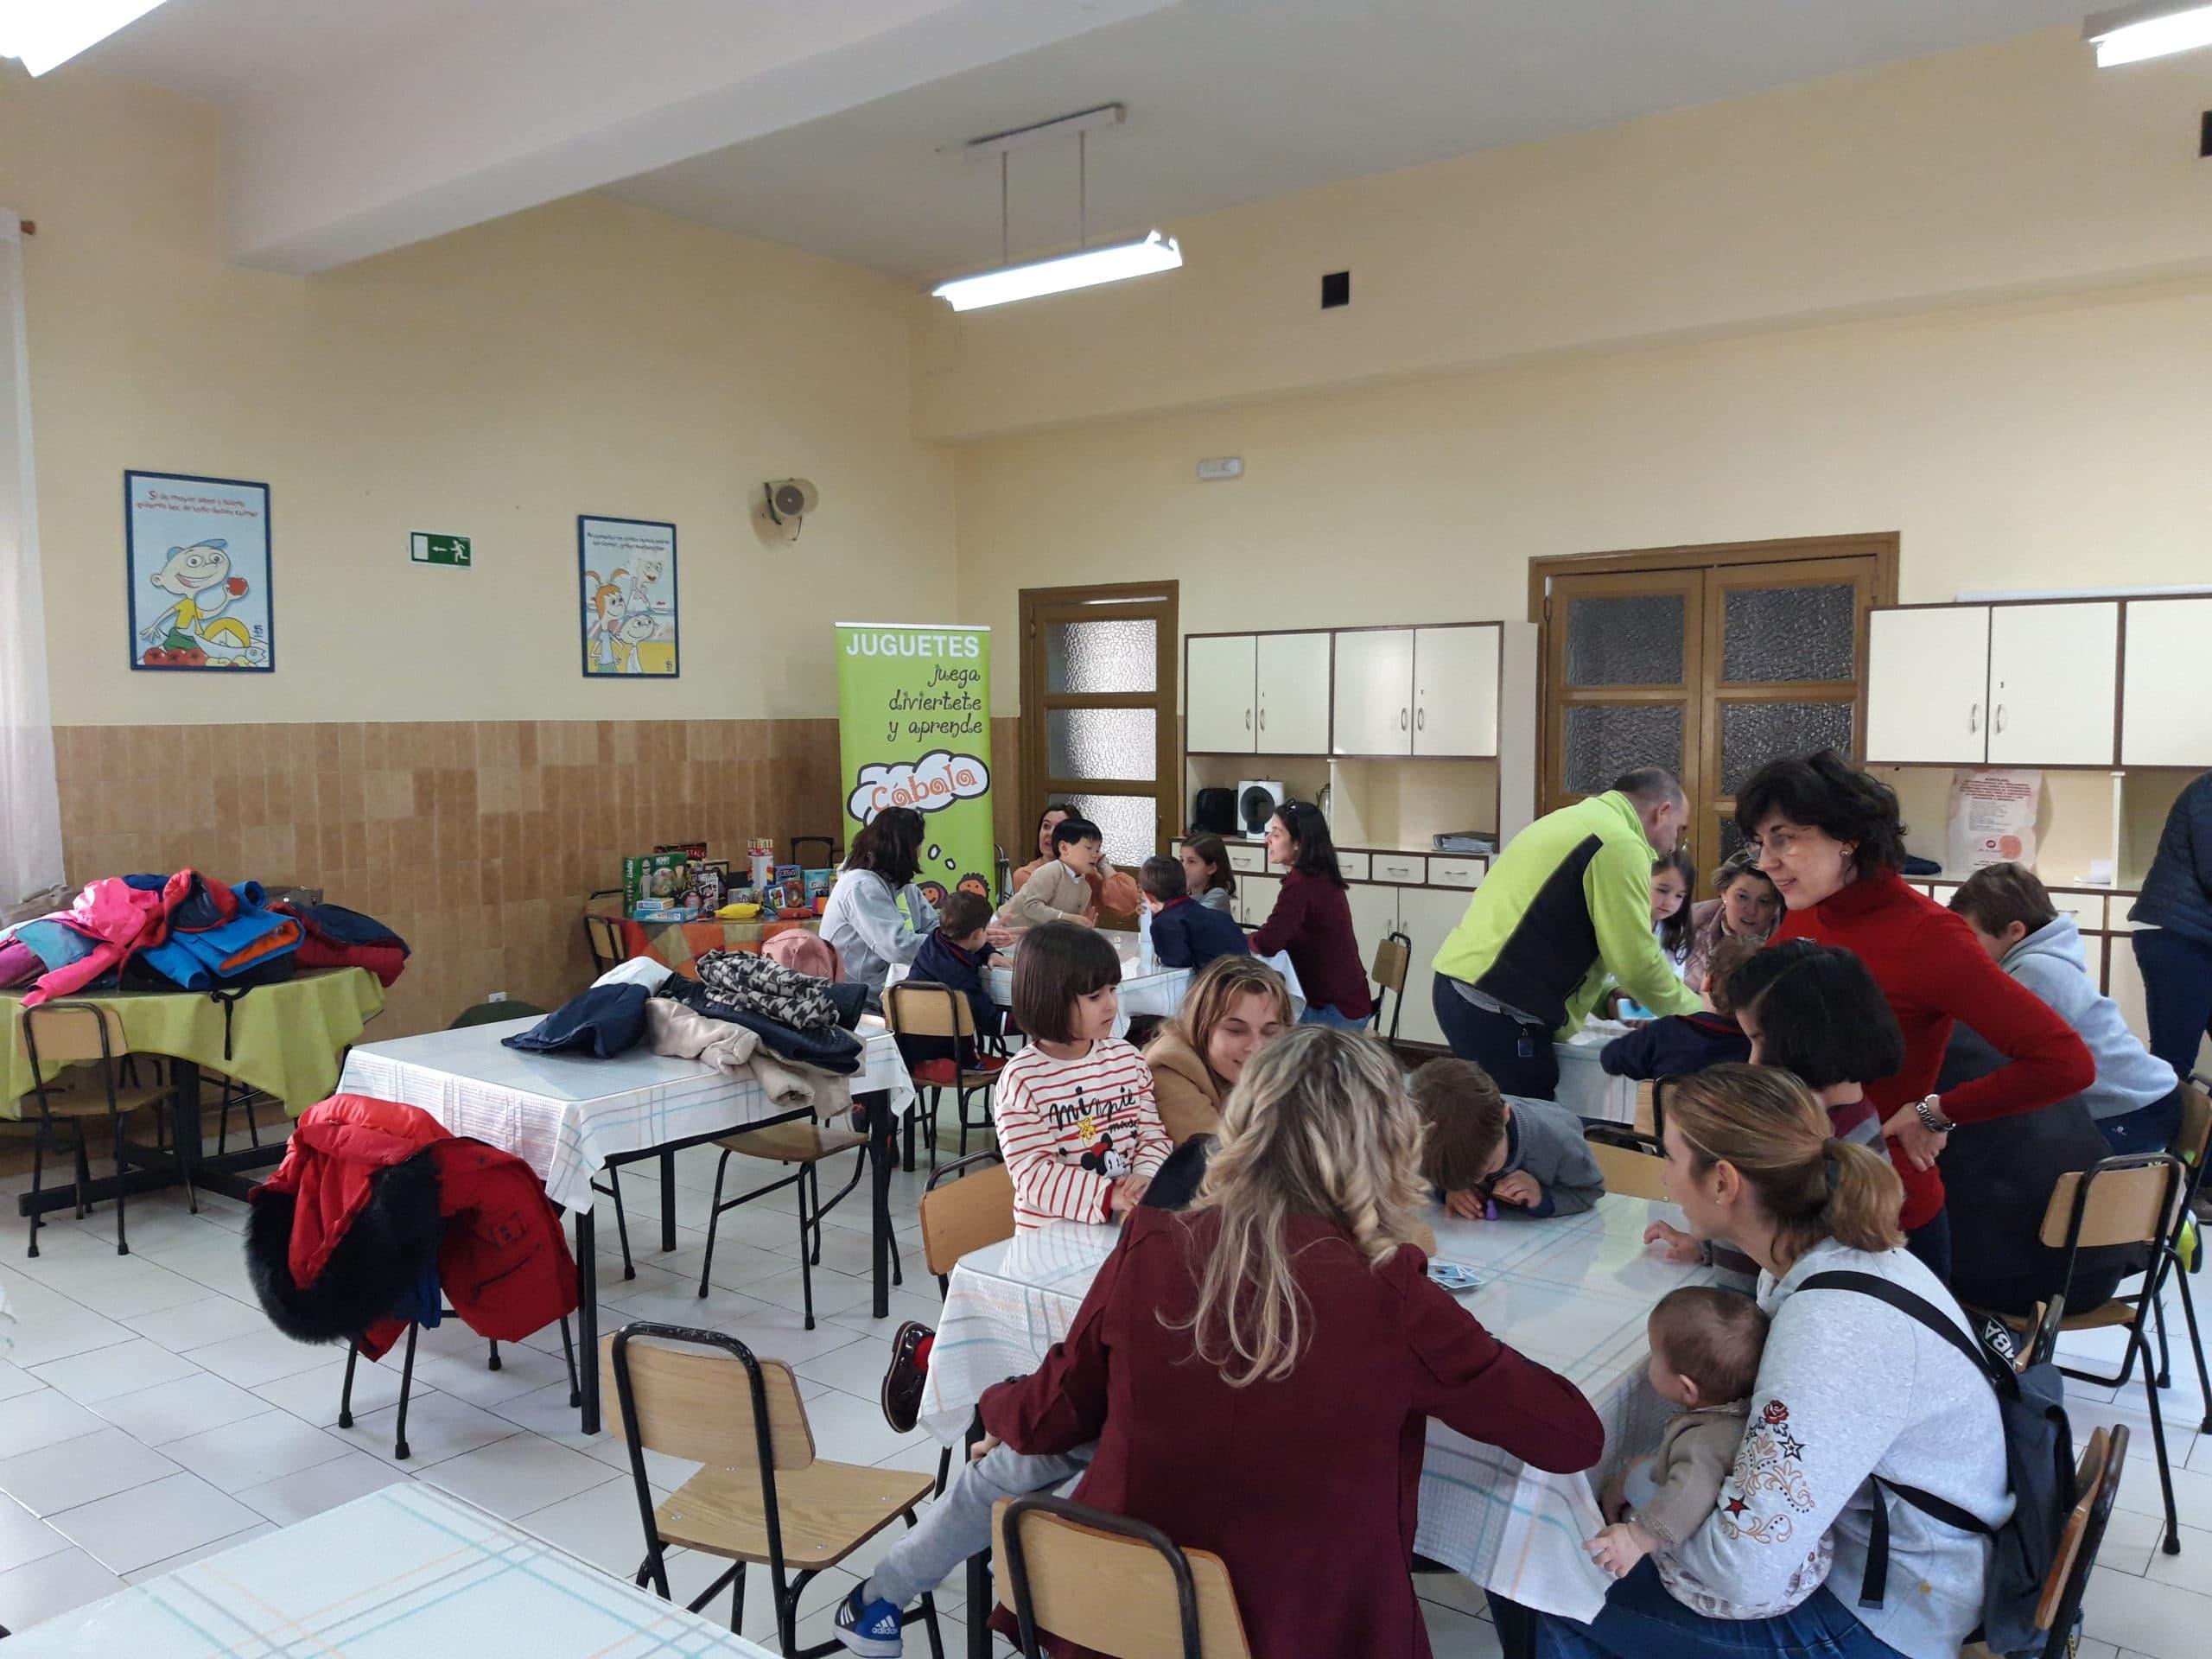 Taller de juegos educativos organizado por Cábala